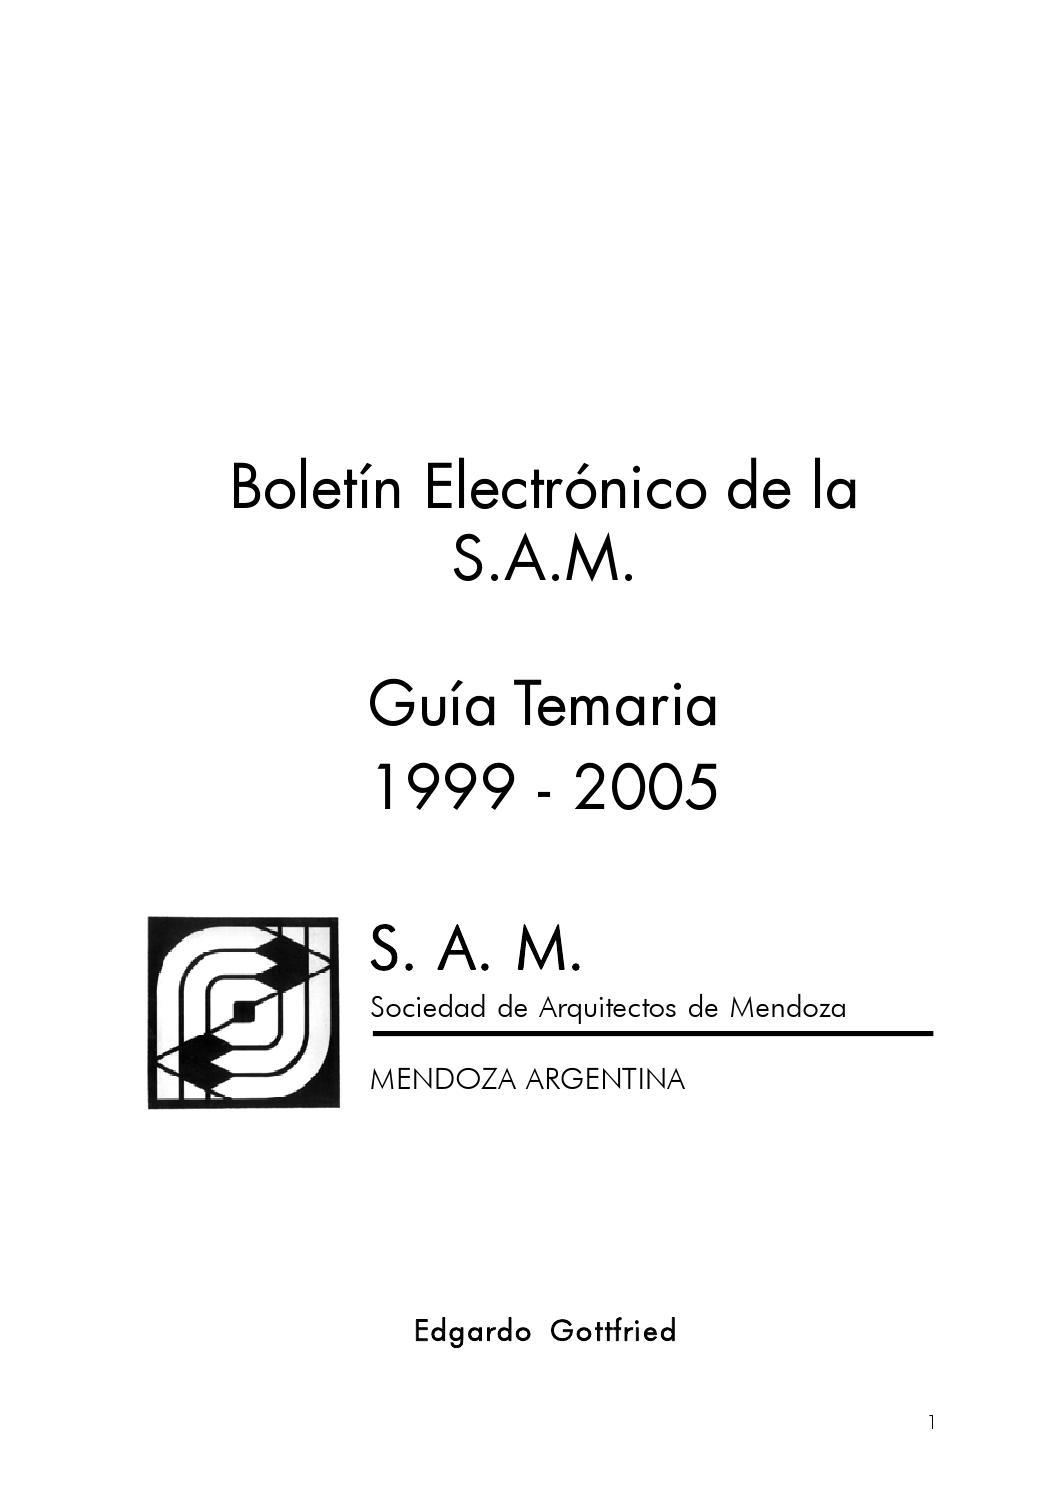 Boletin electronico de la sociedad de arquitectos de - Sociedad de arquitectos ...